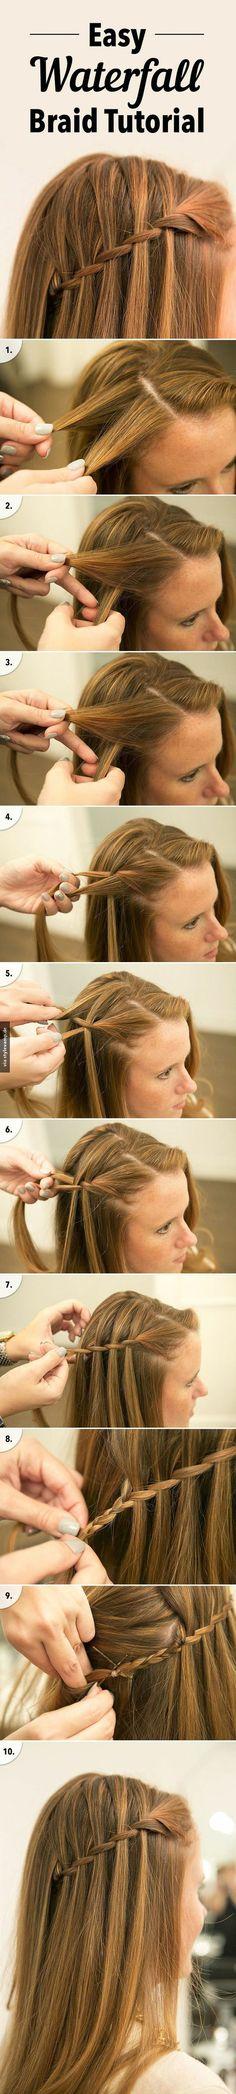 Mit dieser perfekten Frisur kann Silvester endlich kommen! <3